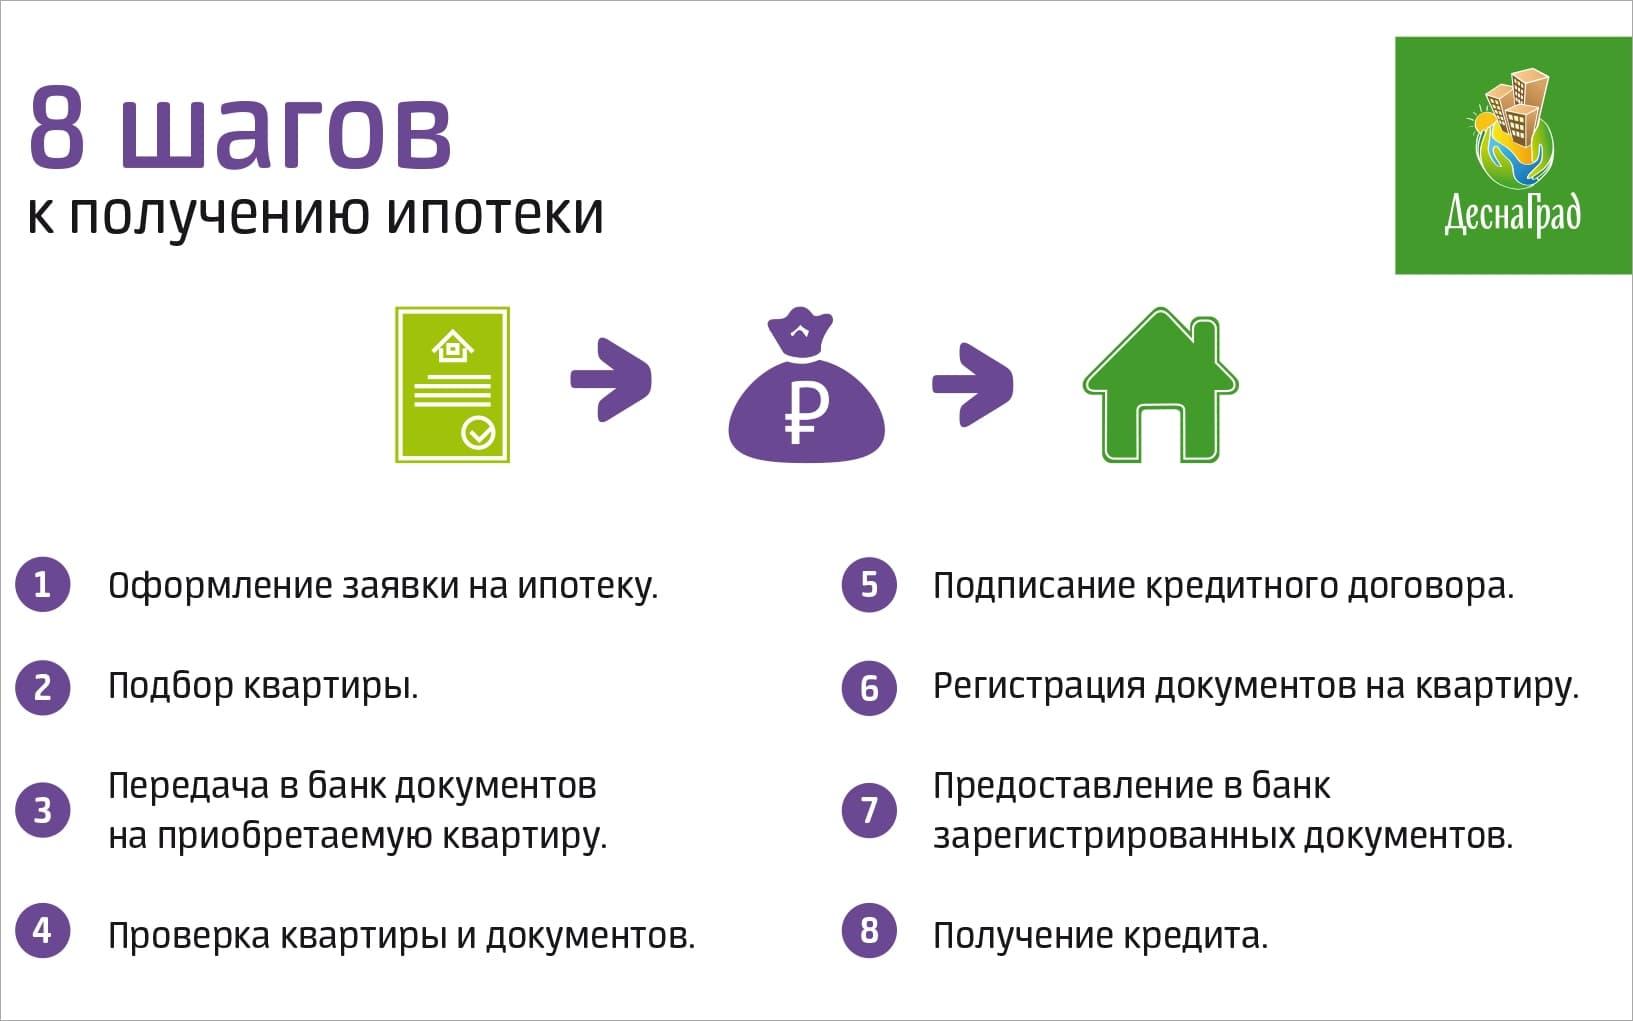 Заявка на эпотеку i онлайн кредит в сбербанке время